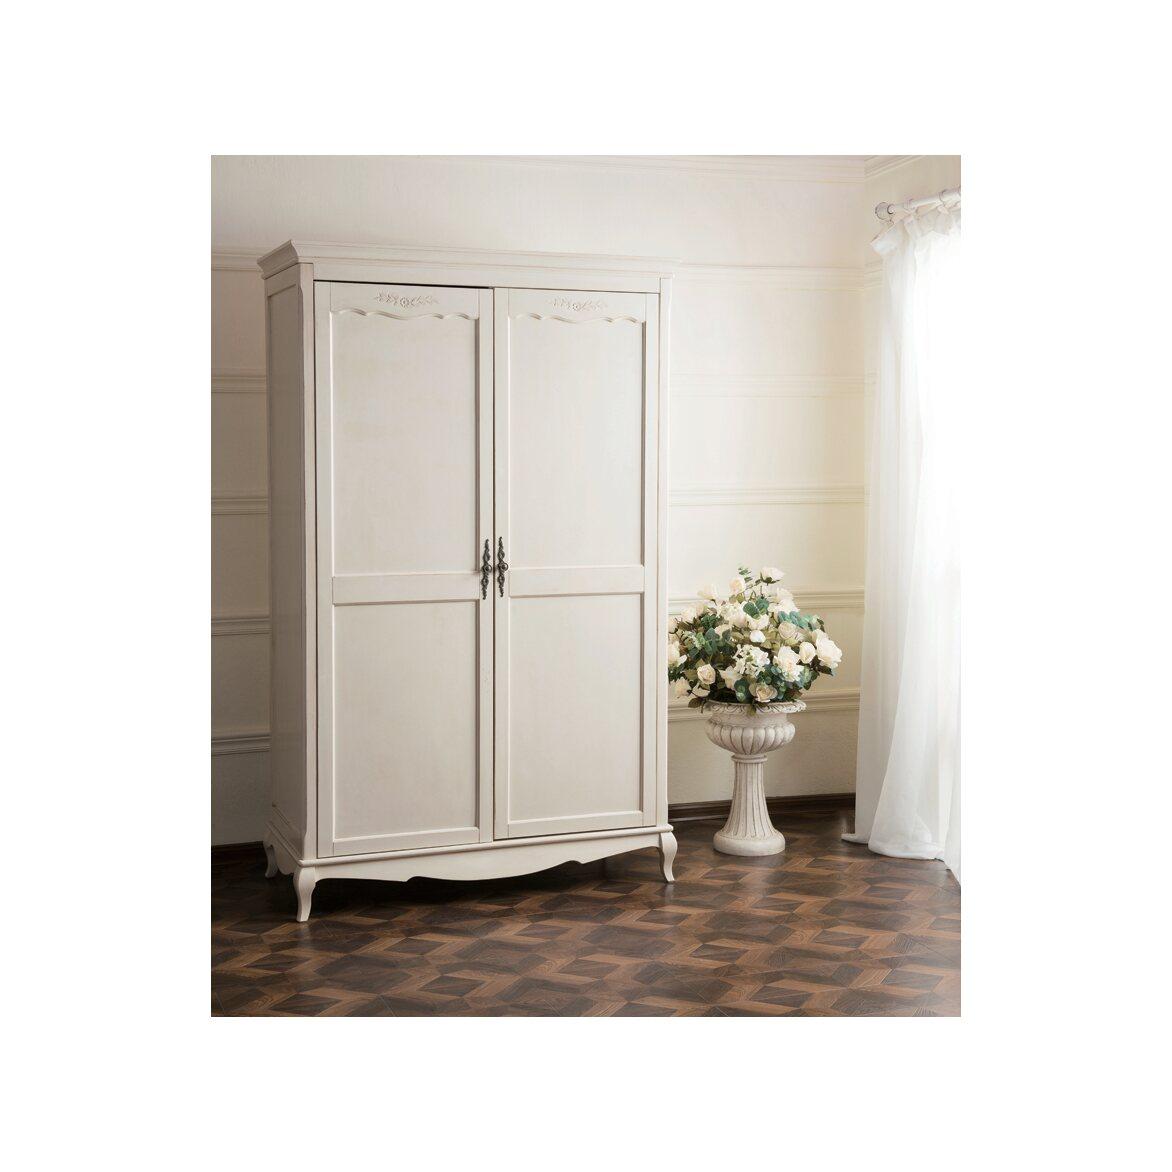 Платяной шкаф двухстворчатый Leontina, бежевого цвета   Платяные шкафы Kingsby